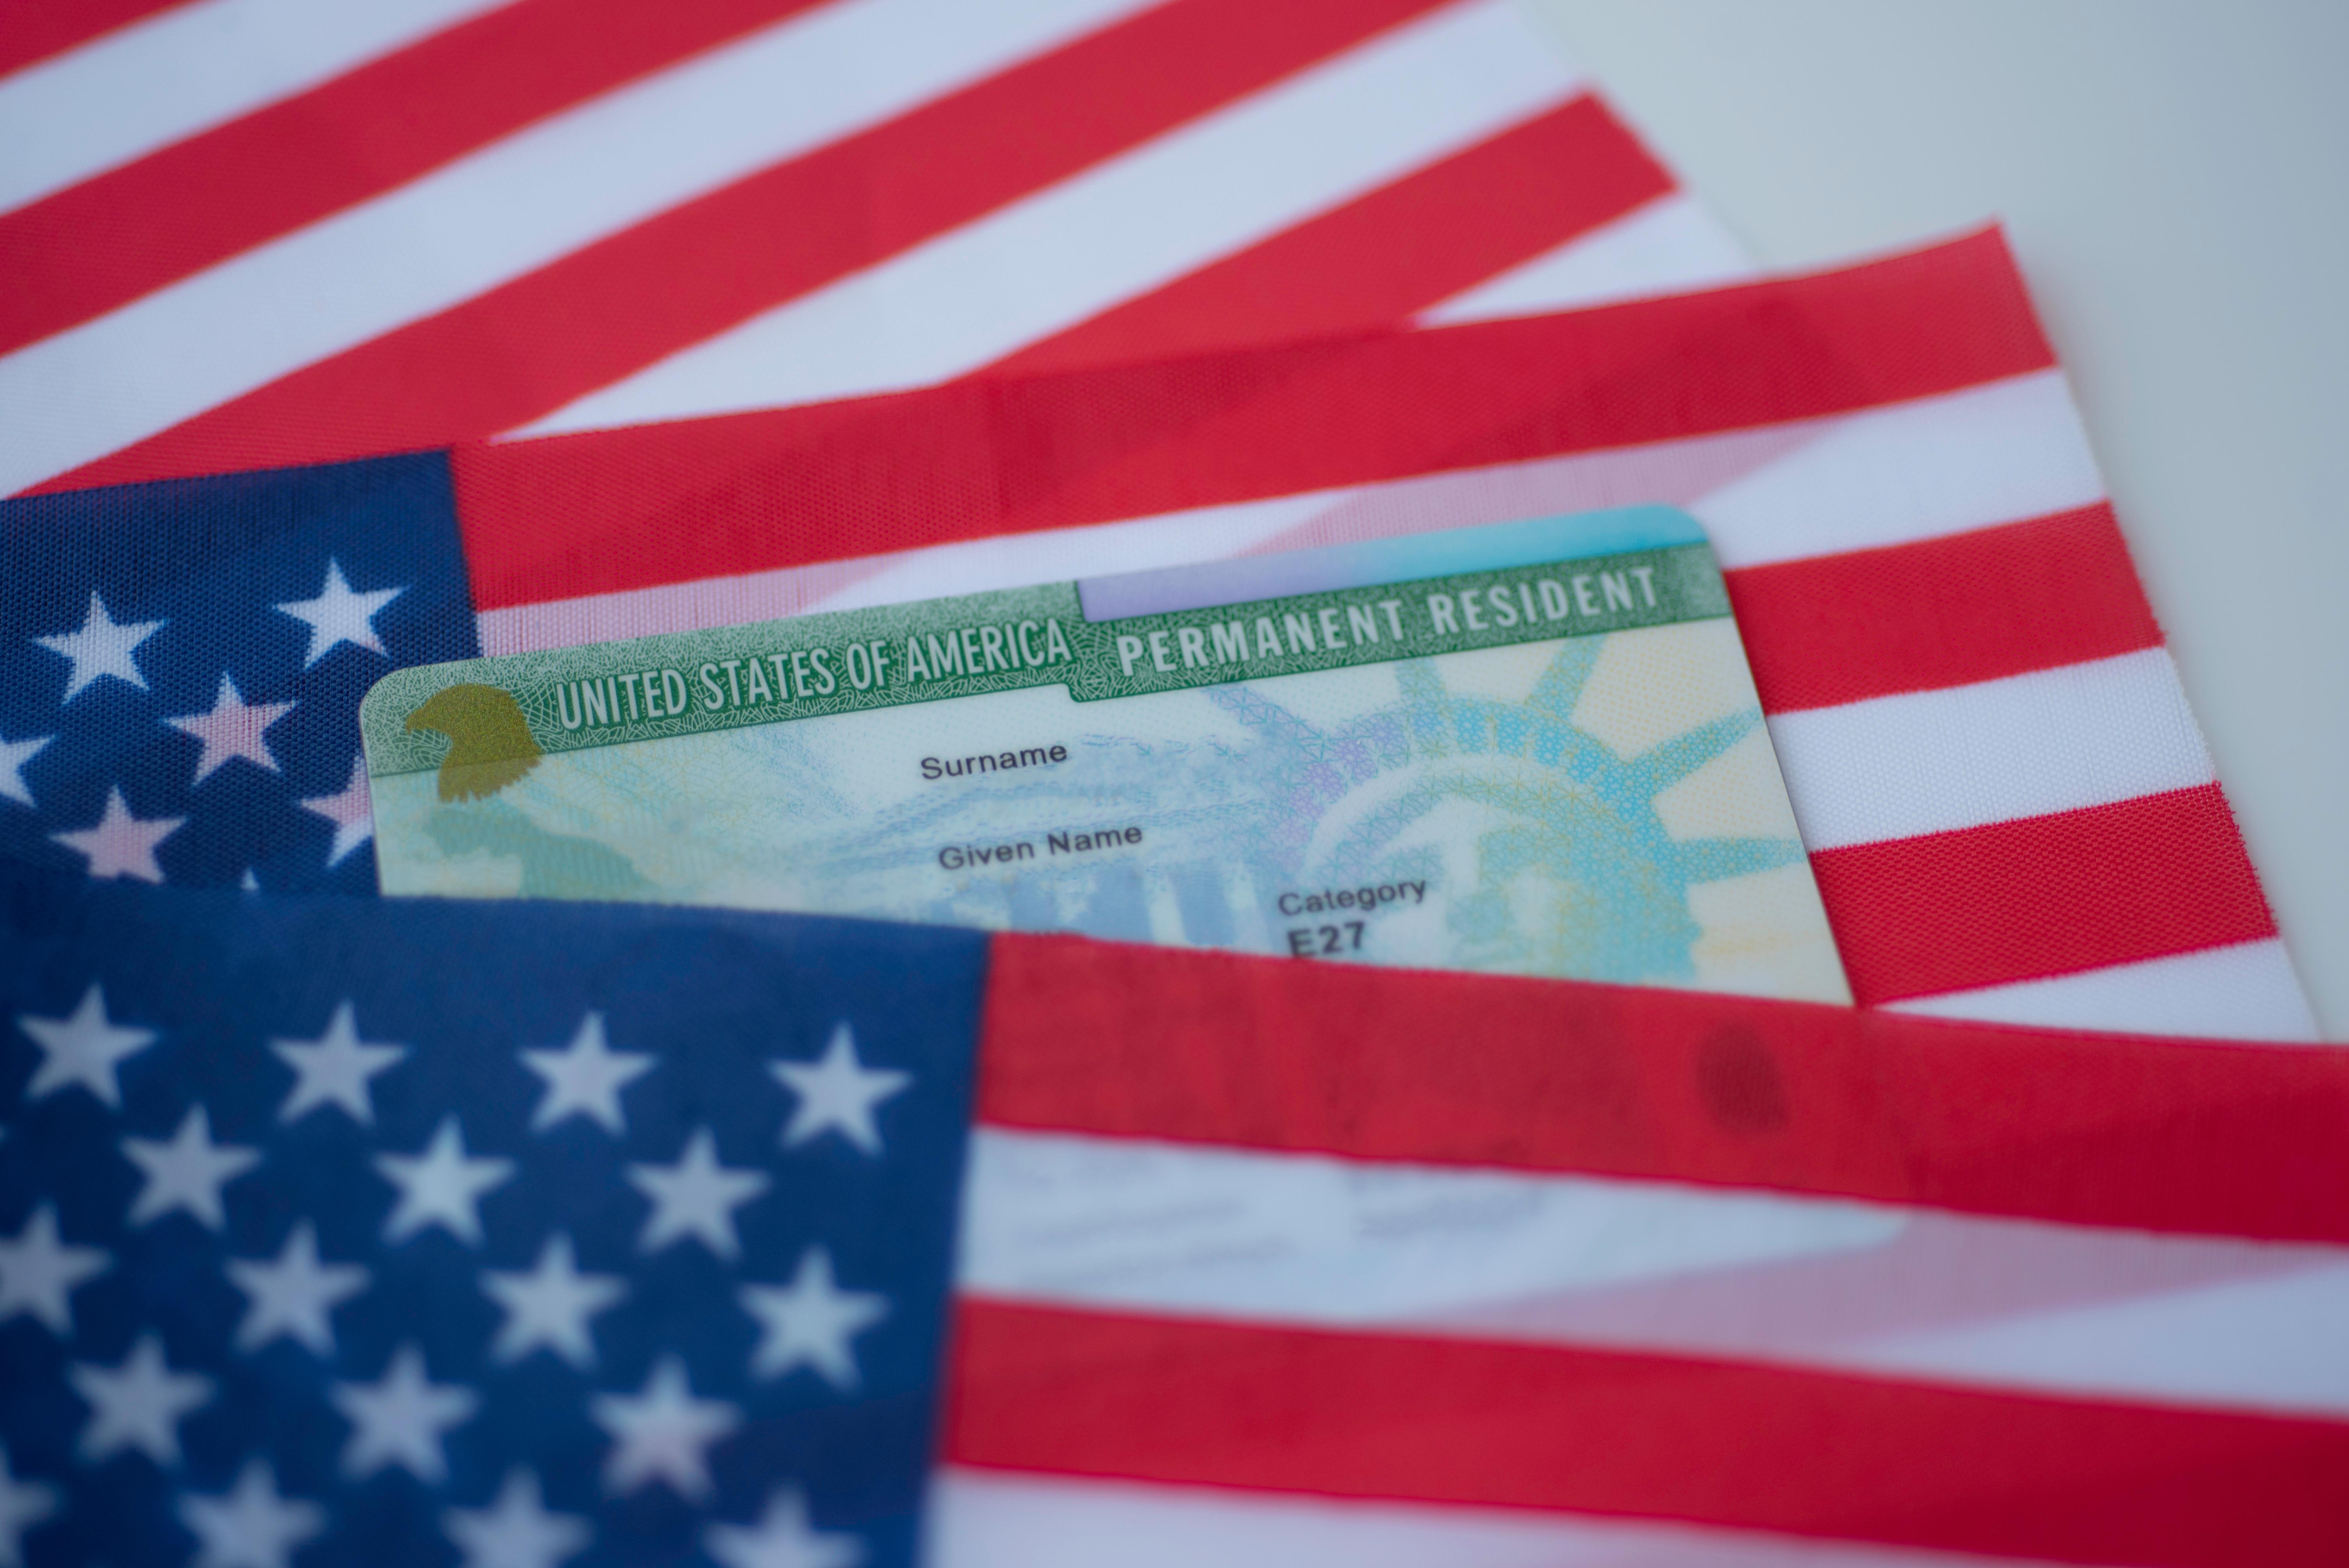 Лотерея Гринкарт благодаря которой можно получить ВНЖ в США